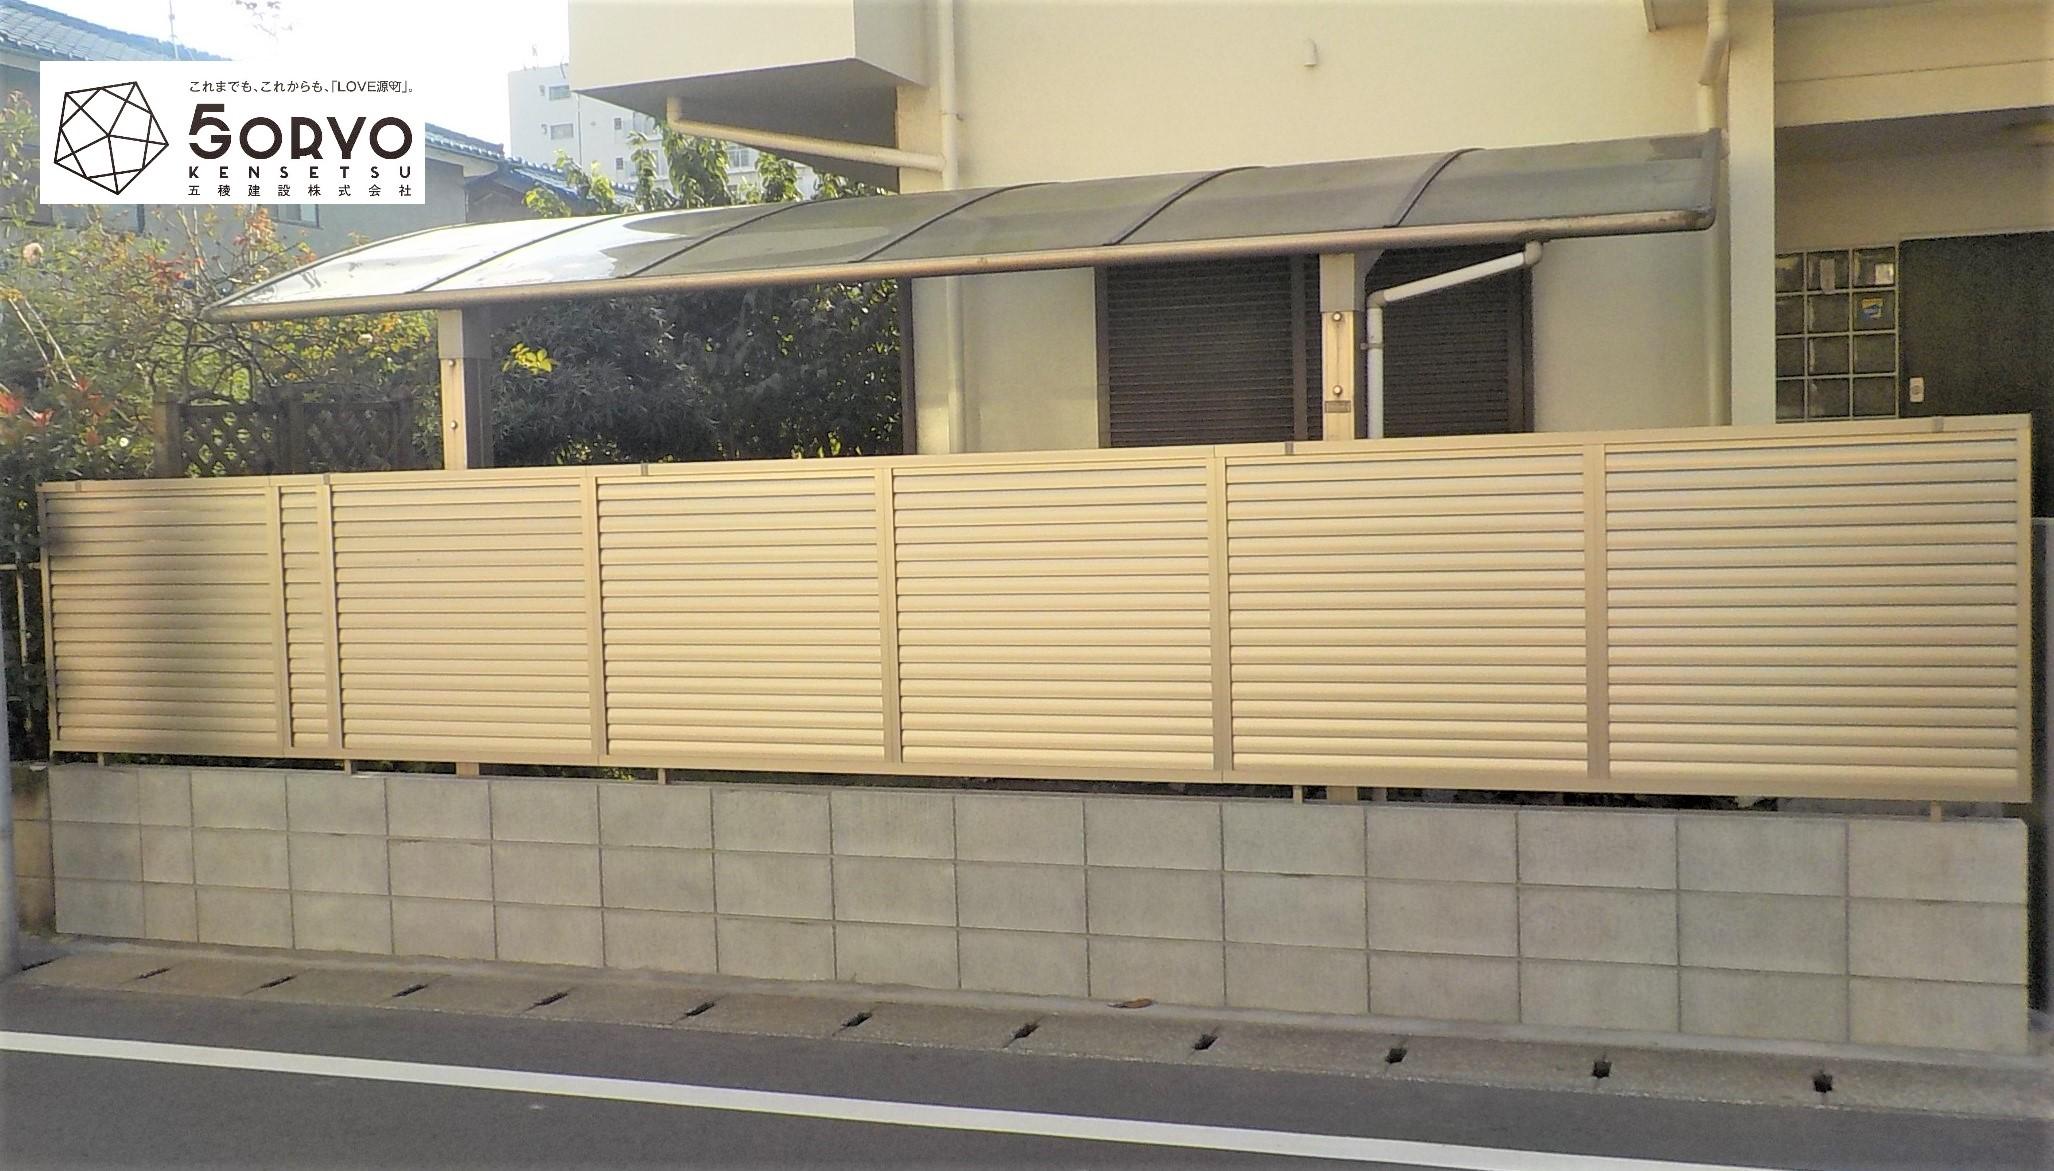 千葉市稲毛区Y様邸コンクリートブロック積み替え・フェンス設置外構工事:施工後